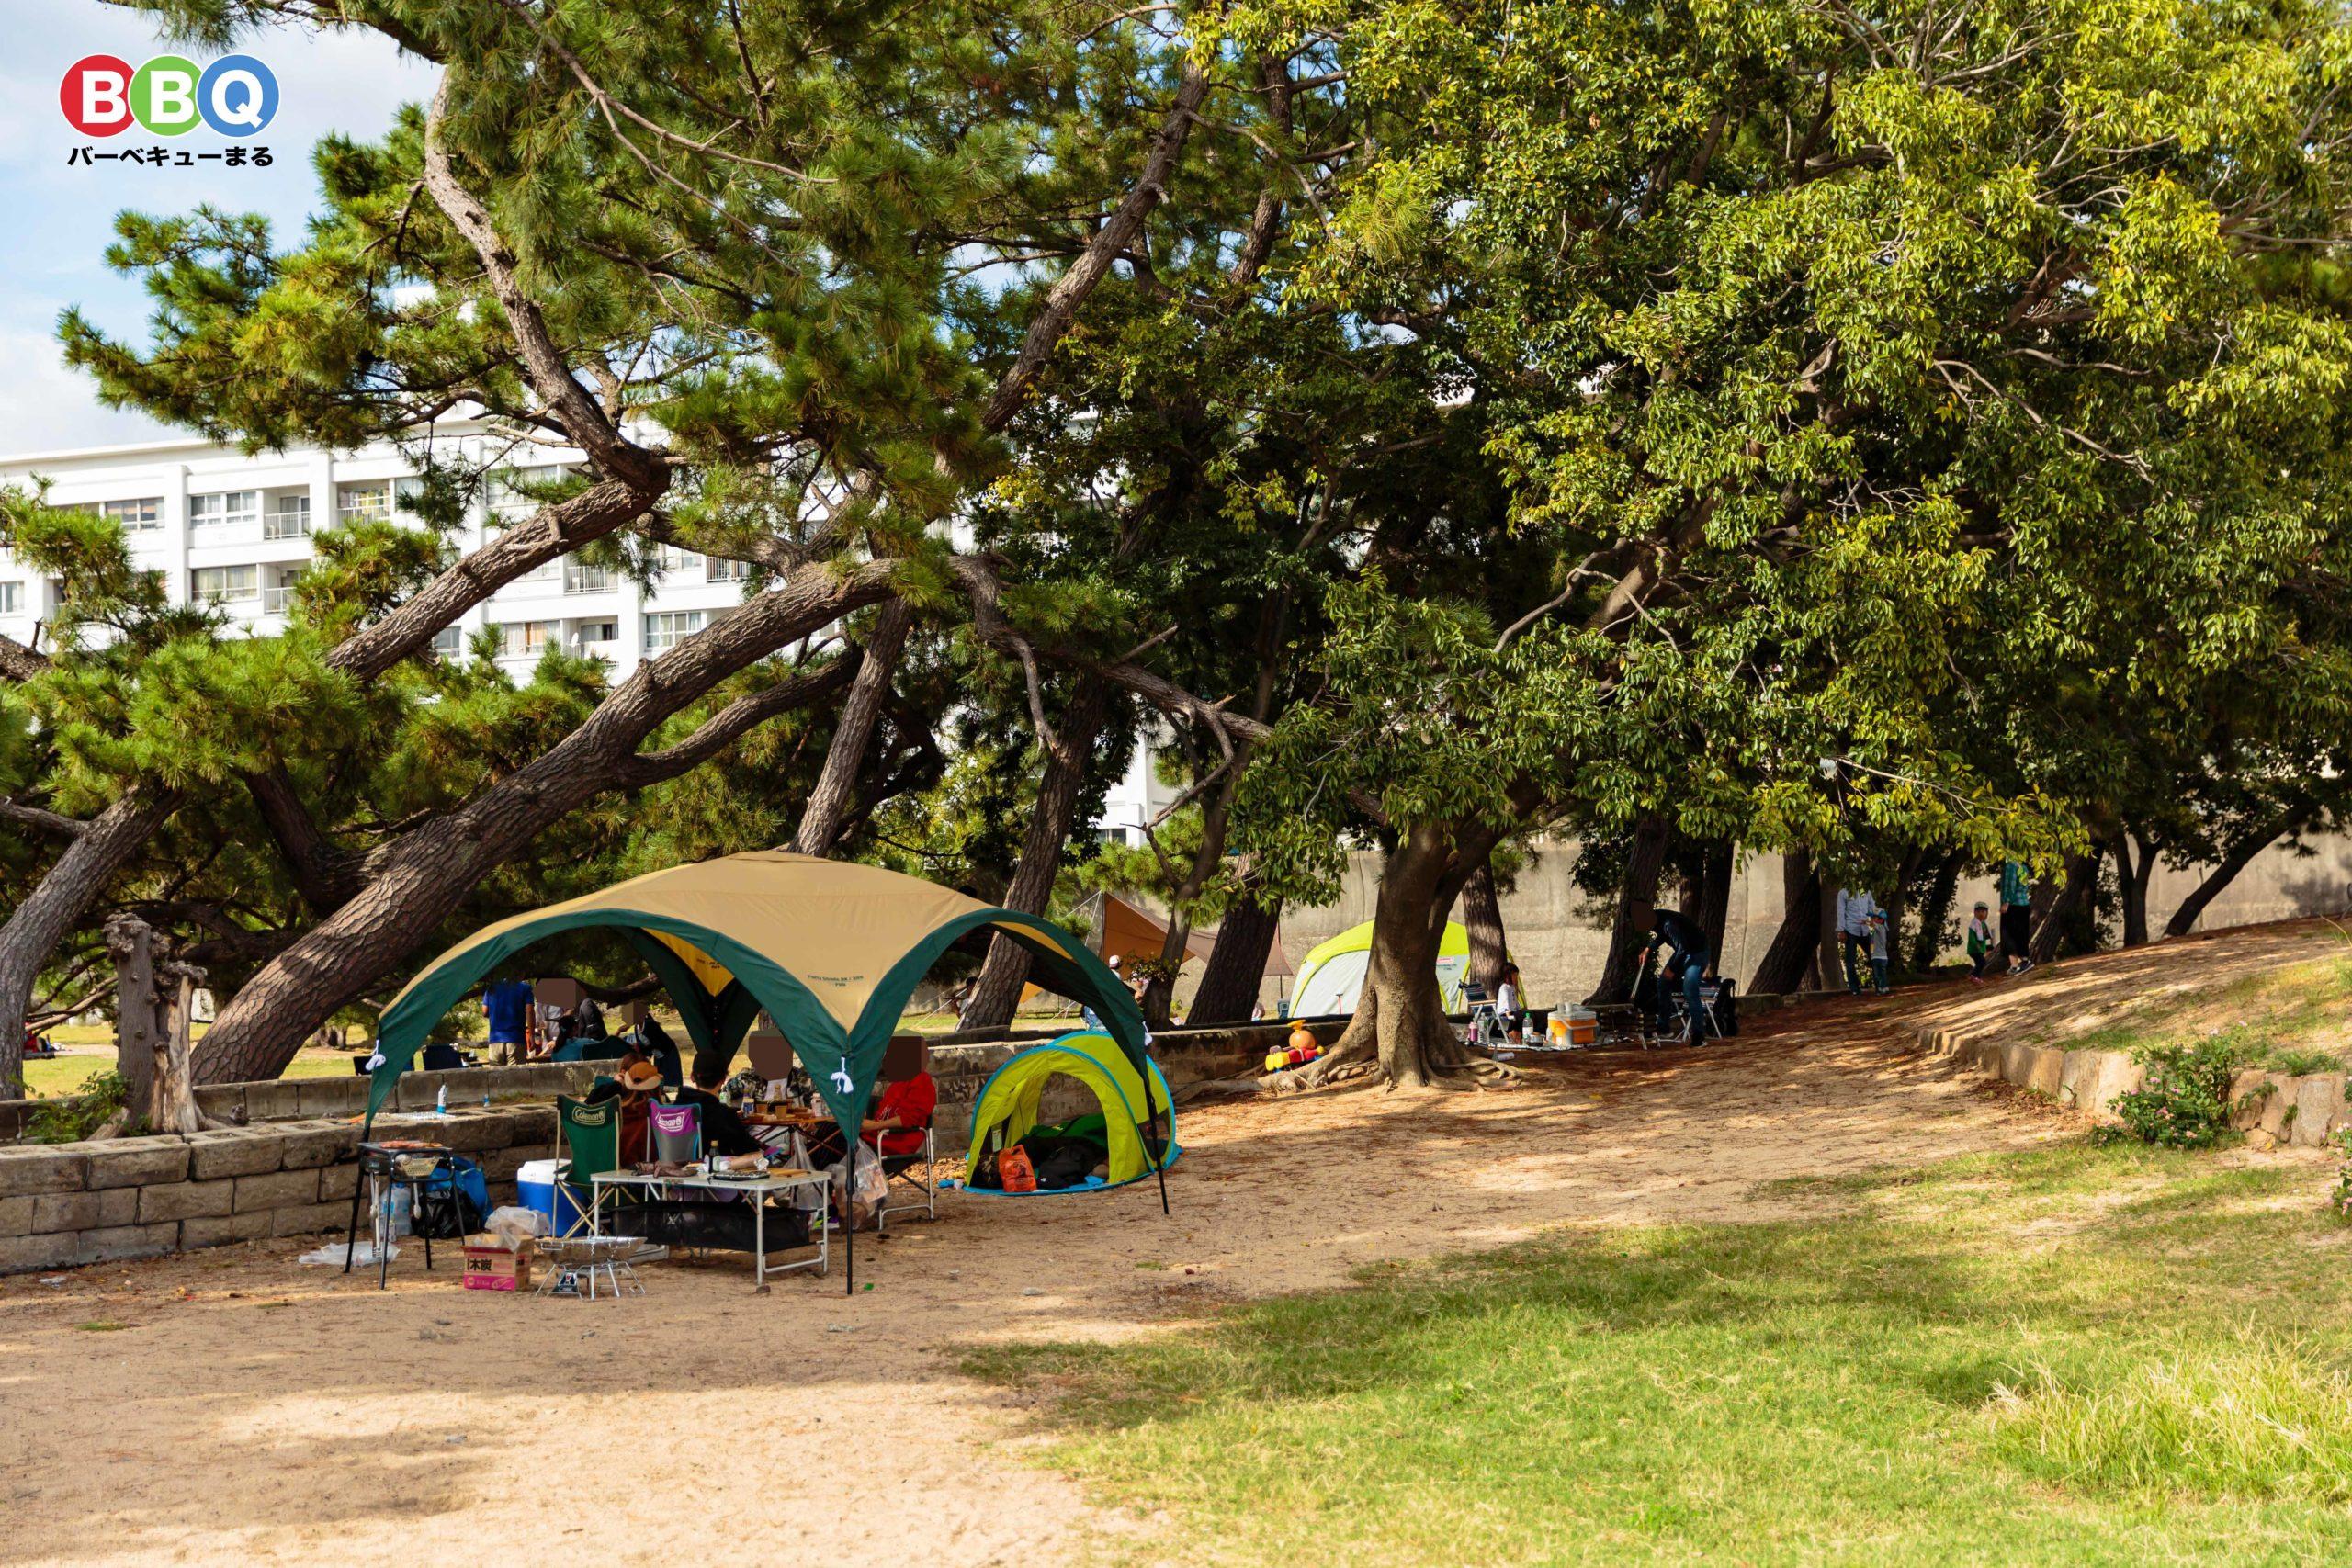 御前浜でバーベキューを楽しむ人たち